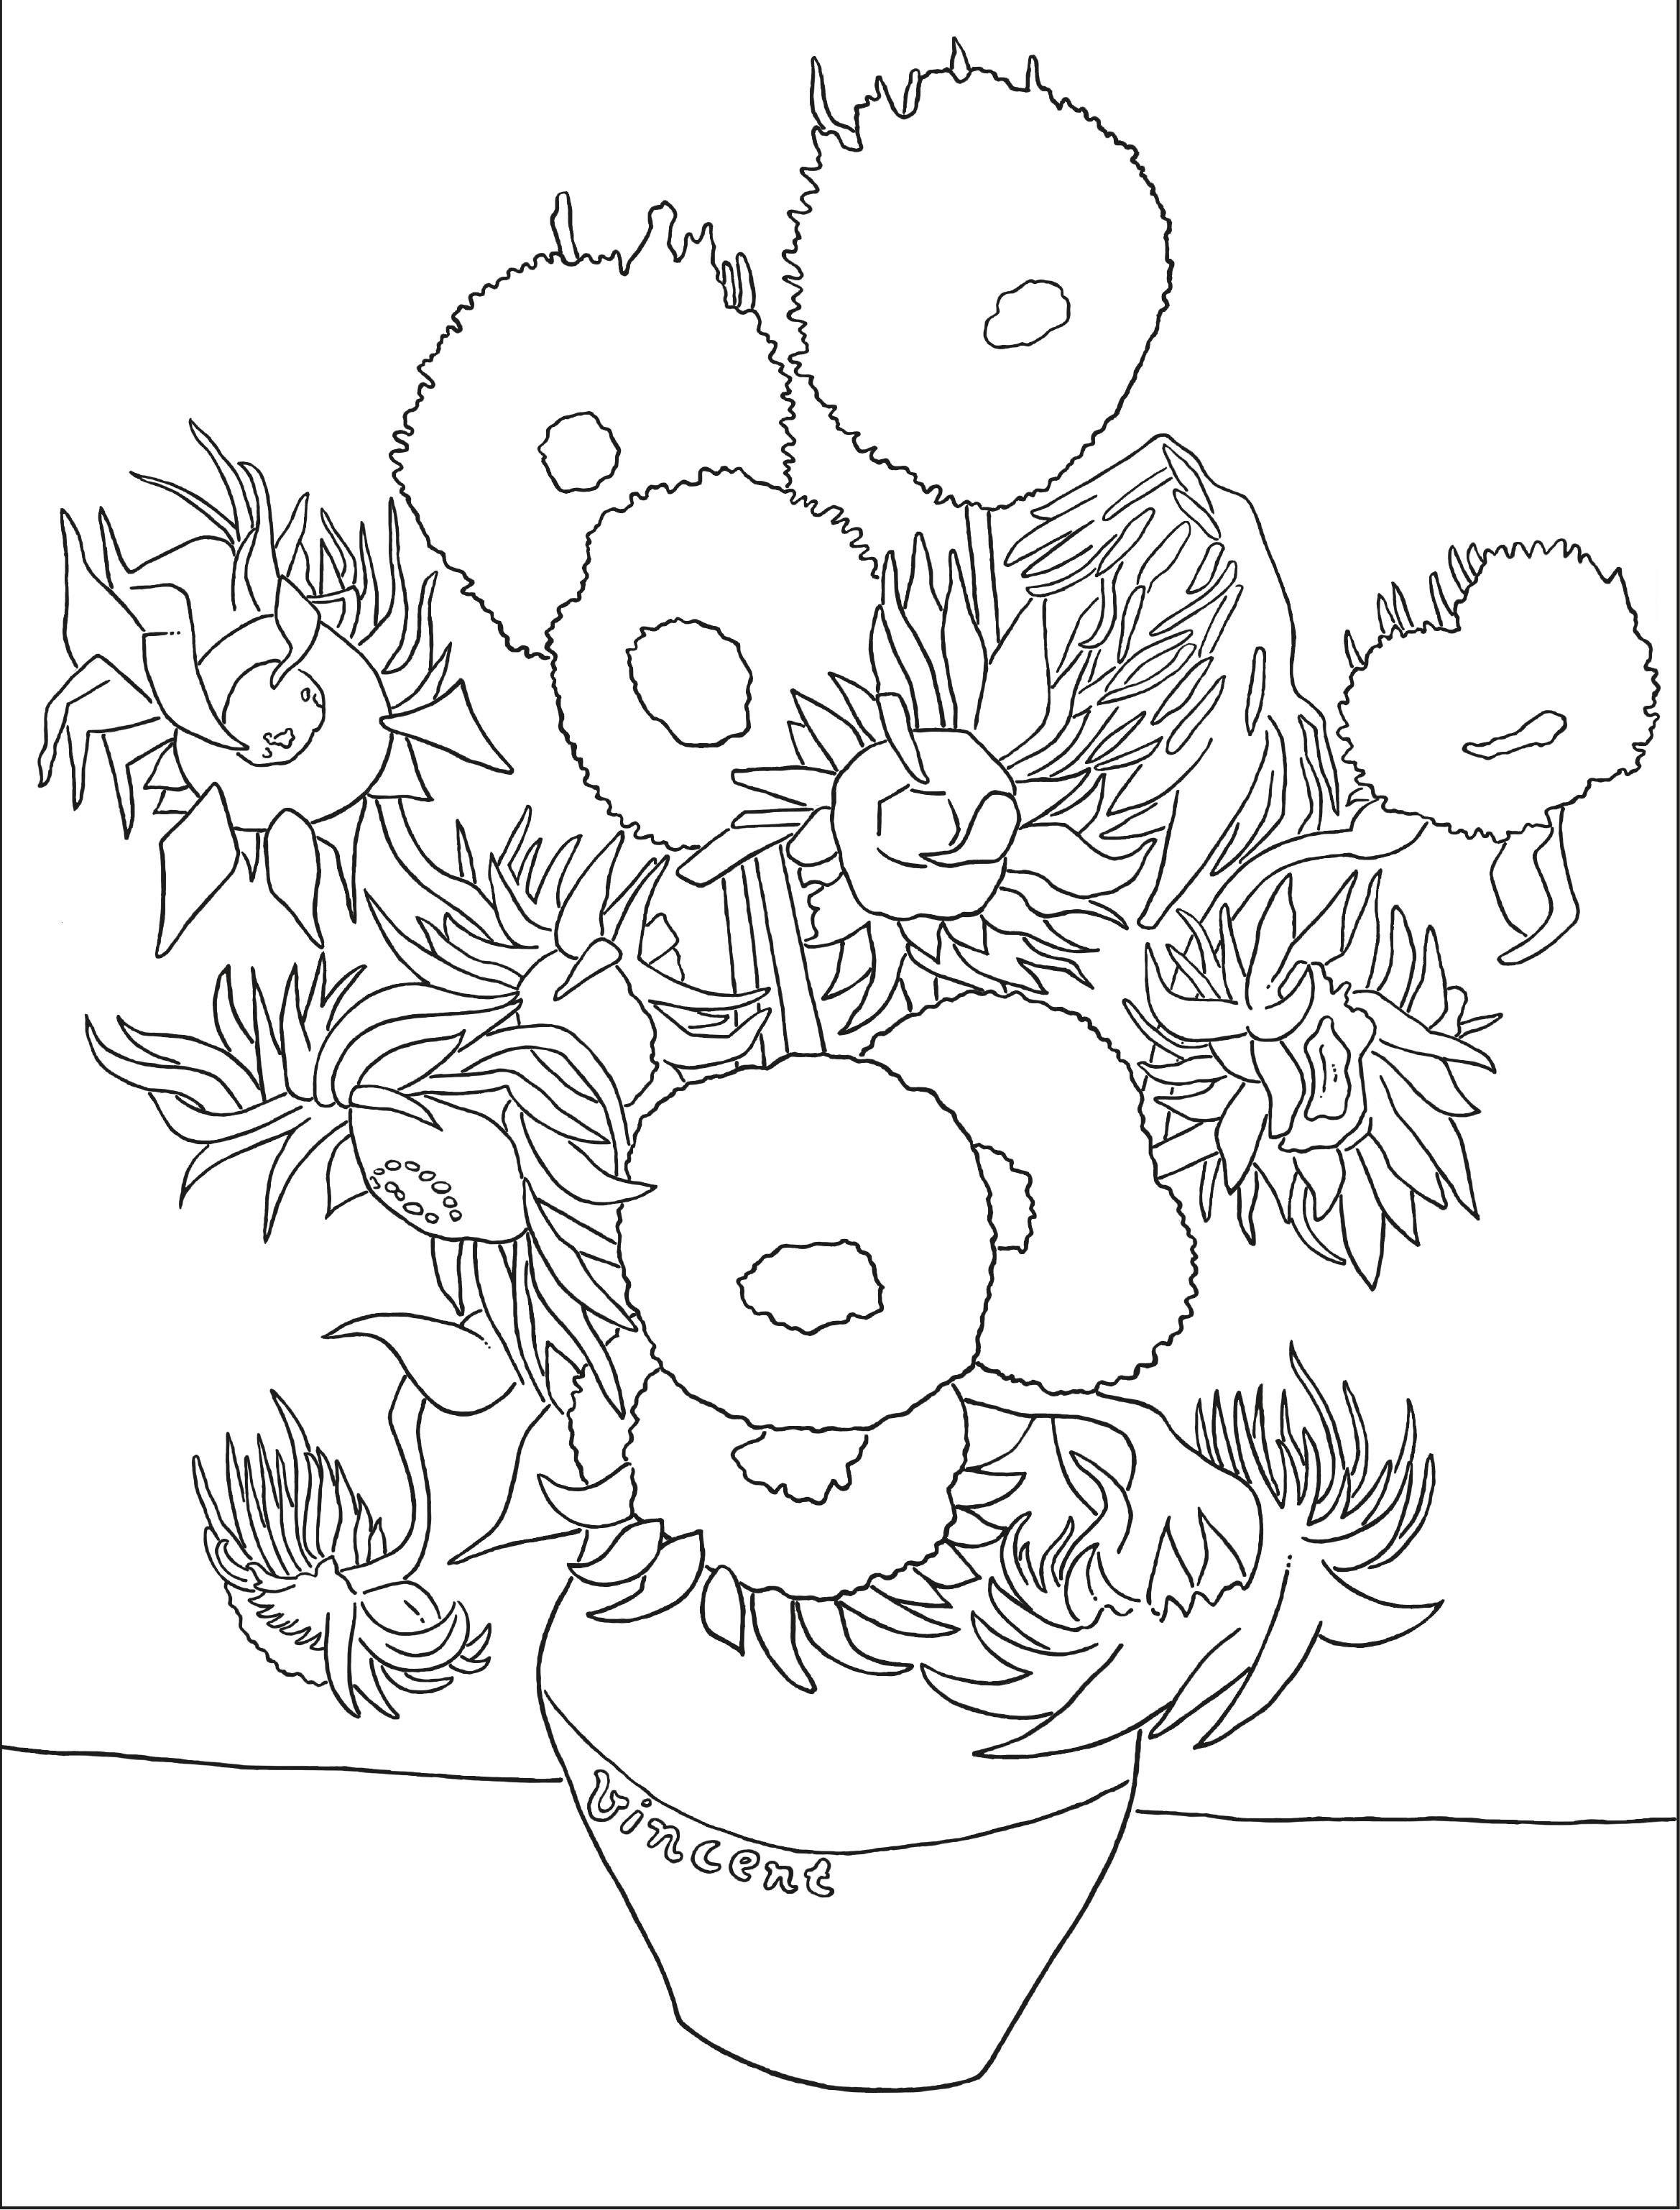 Hoe Ziet Jouw Versie Van De Zonnebloemen Eruit Vincent Van Goghs Zonnebloemen Zijn Wereldberoemd Hij Maakt Zonnebloem Tekening Van Gogh Van Gogh Zonnebloemen